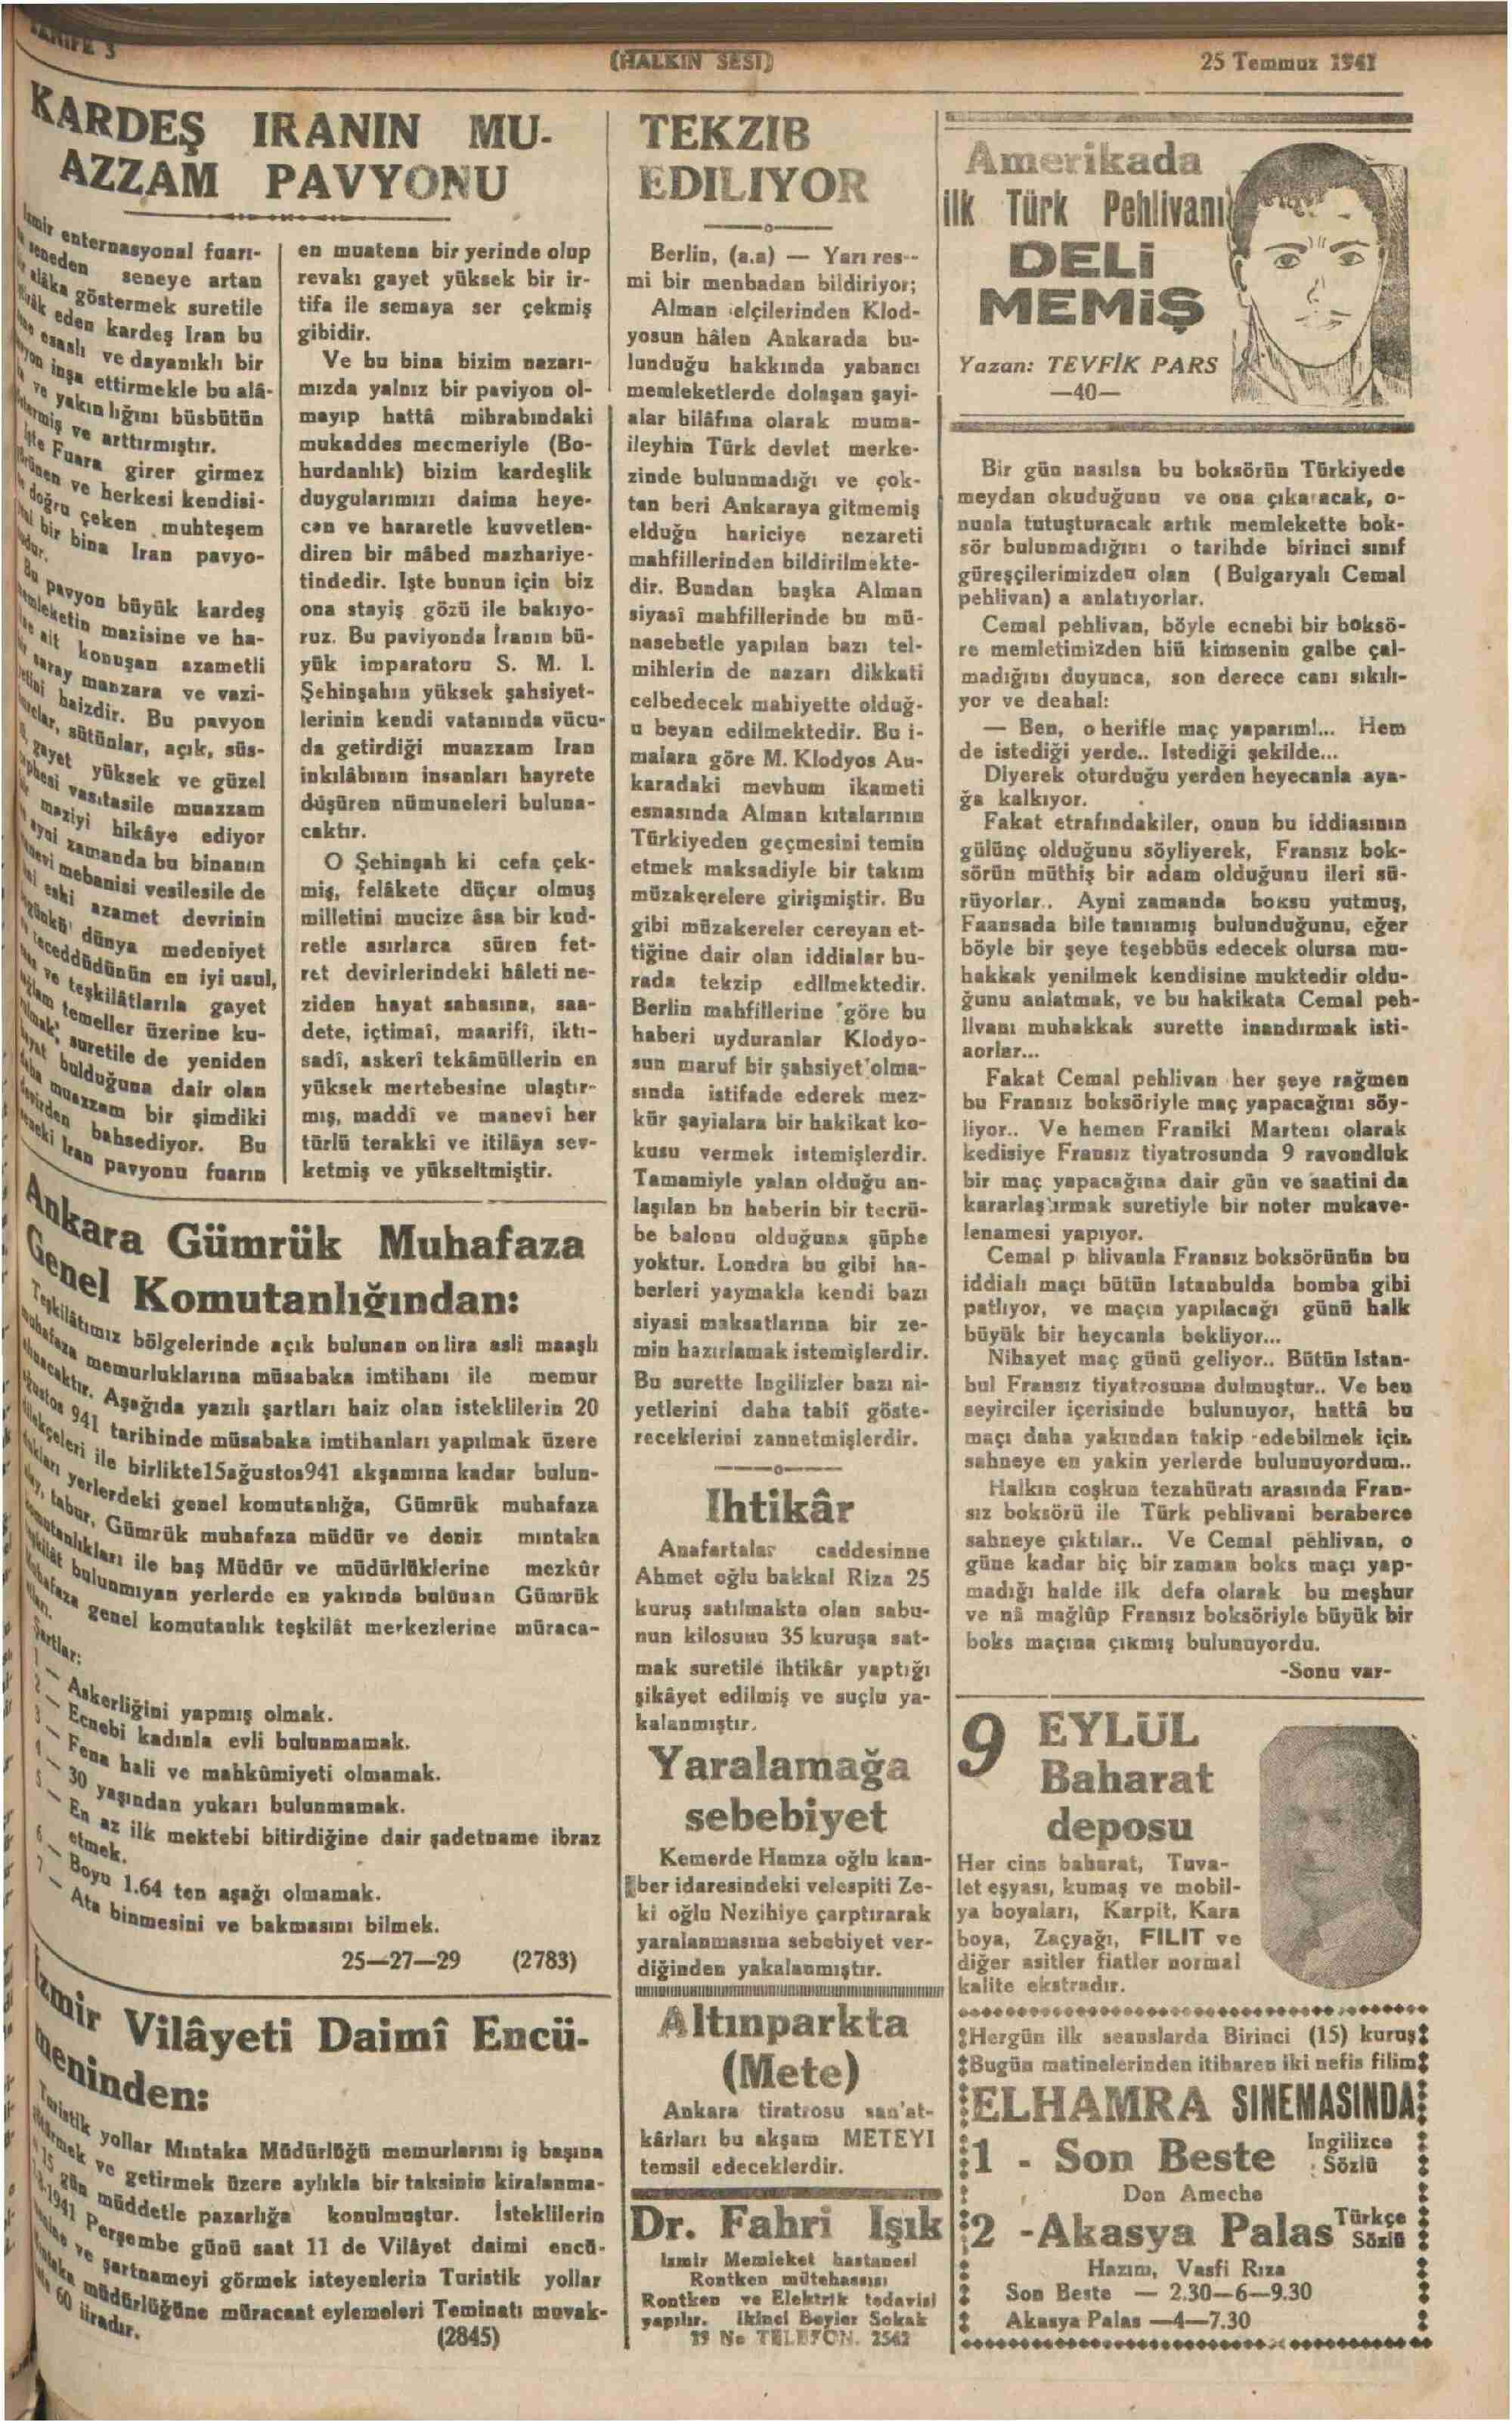 25 Temmuz 1941 Tarihli Halkın Sesi Gazetesi Sayfa 3